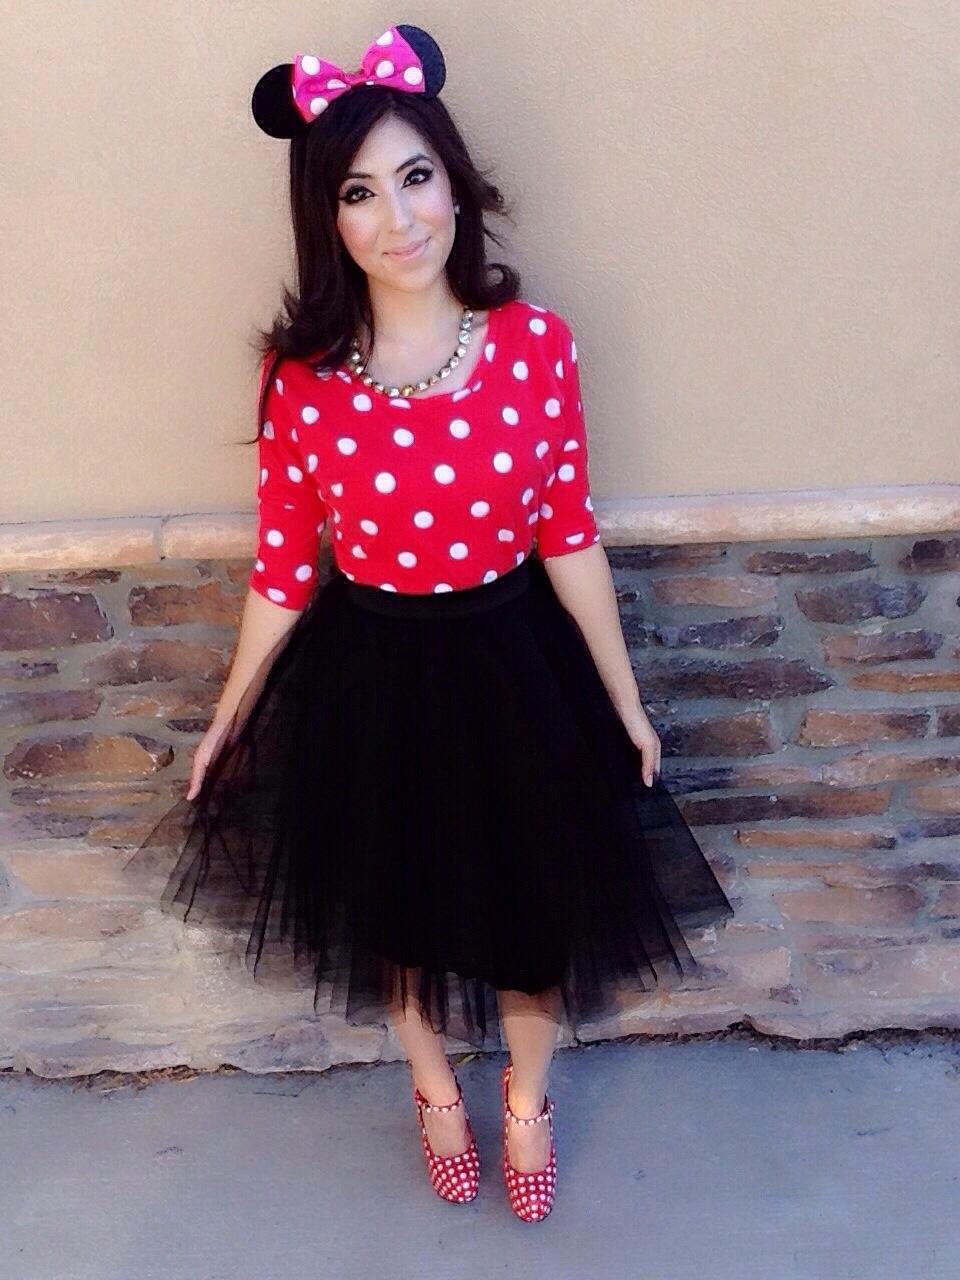 d31cc9397 minniemouse | A Modest Fashion & Faith Blog